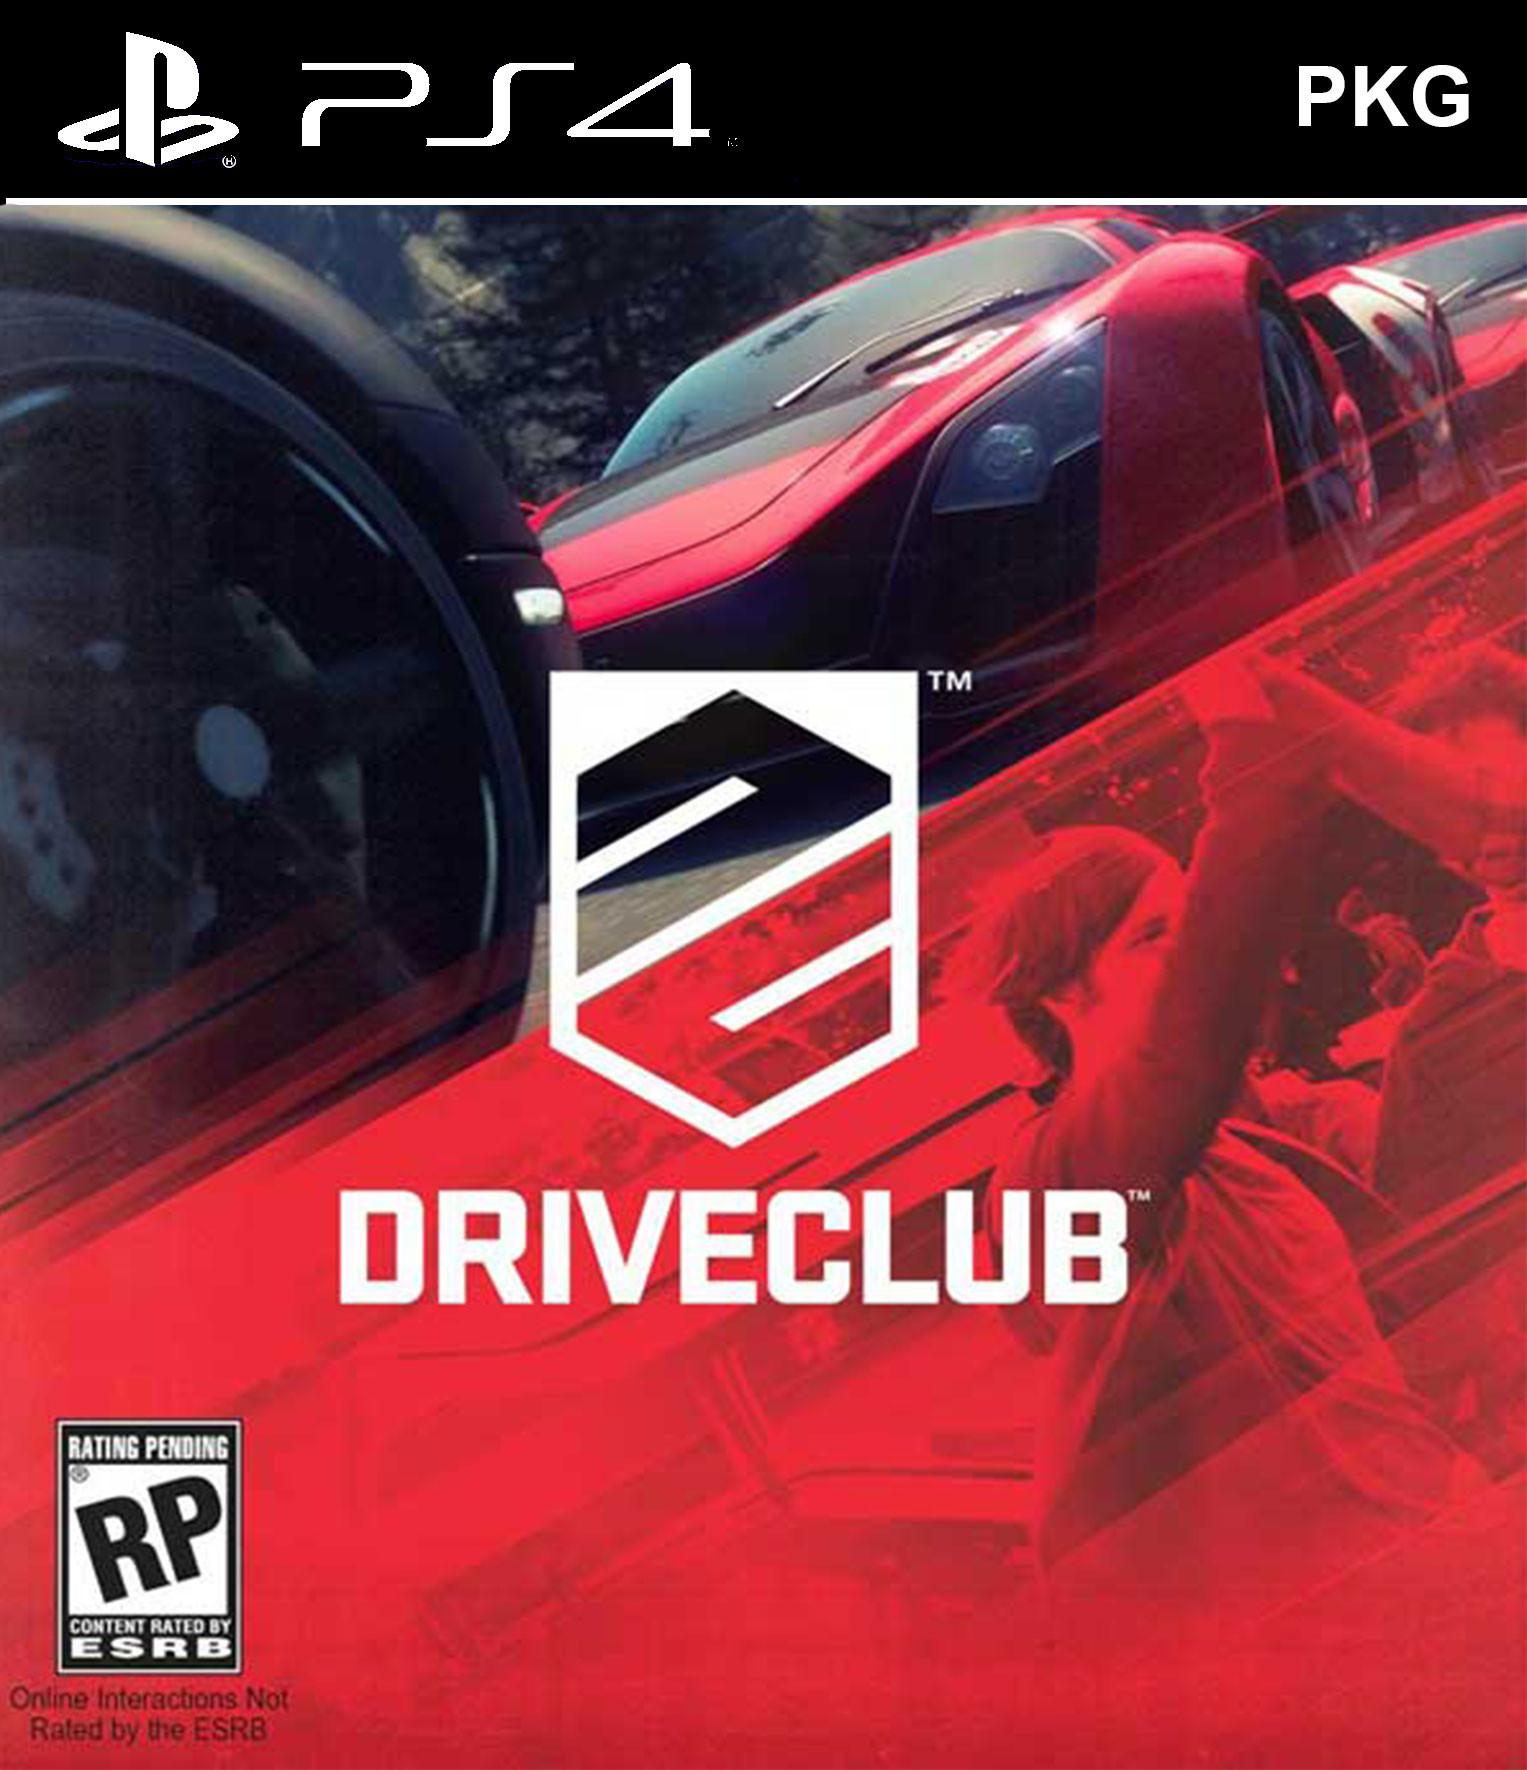 Driveclub PKG Oyun İndir ! [4.05